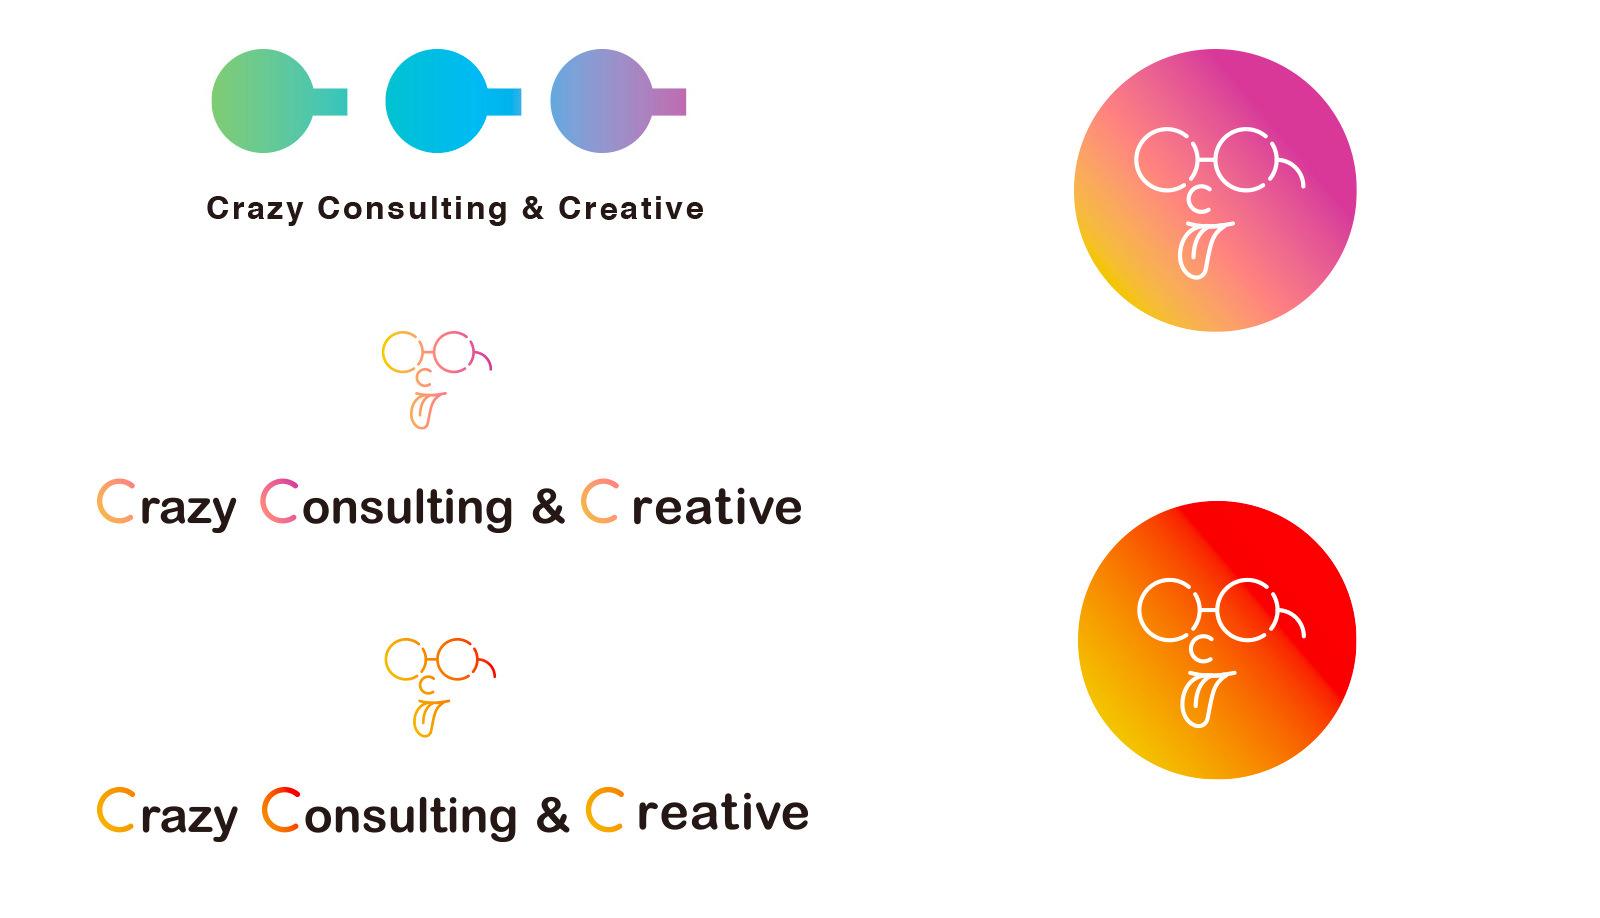 クレイジーコンサルティングアンドクリエイティブロゴボツ案イメージ